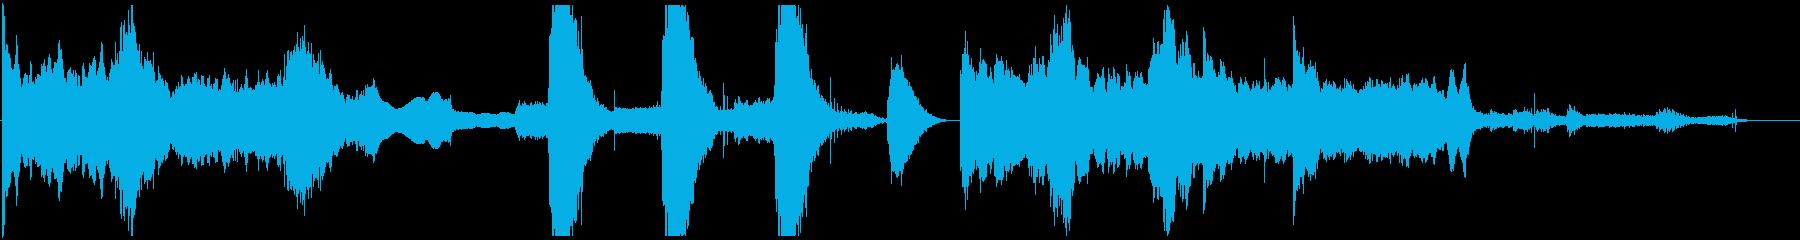 スペーシーなサウンドと不気味なオー...の再生済みの波形